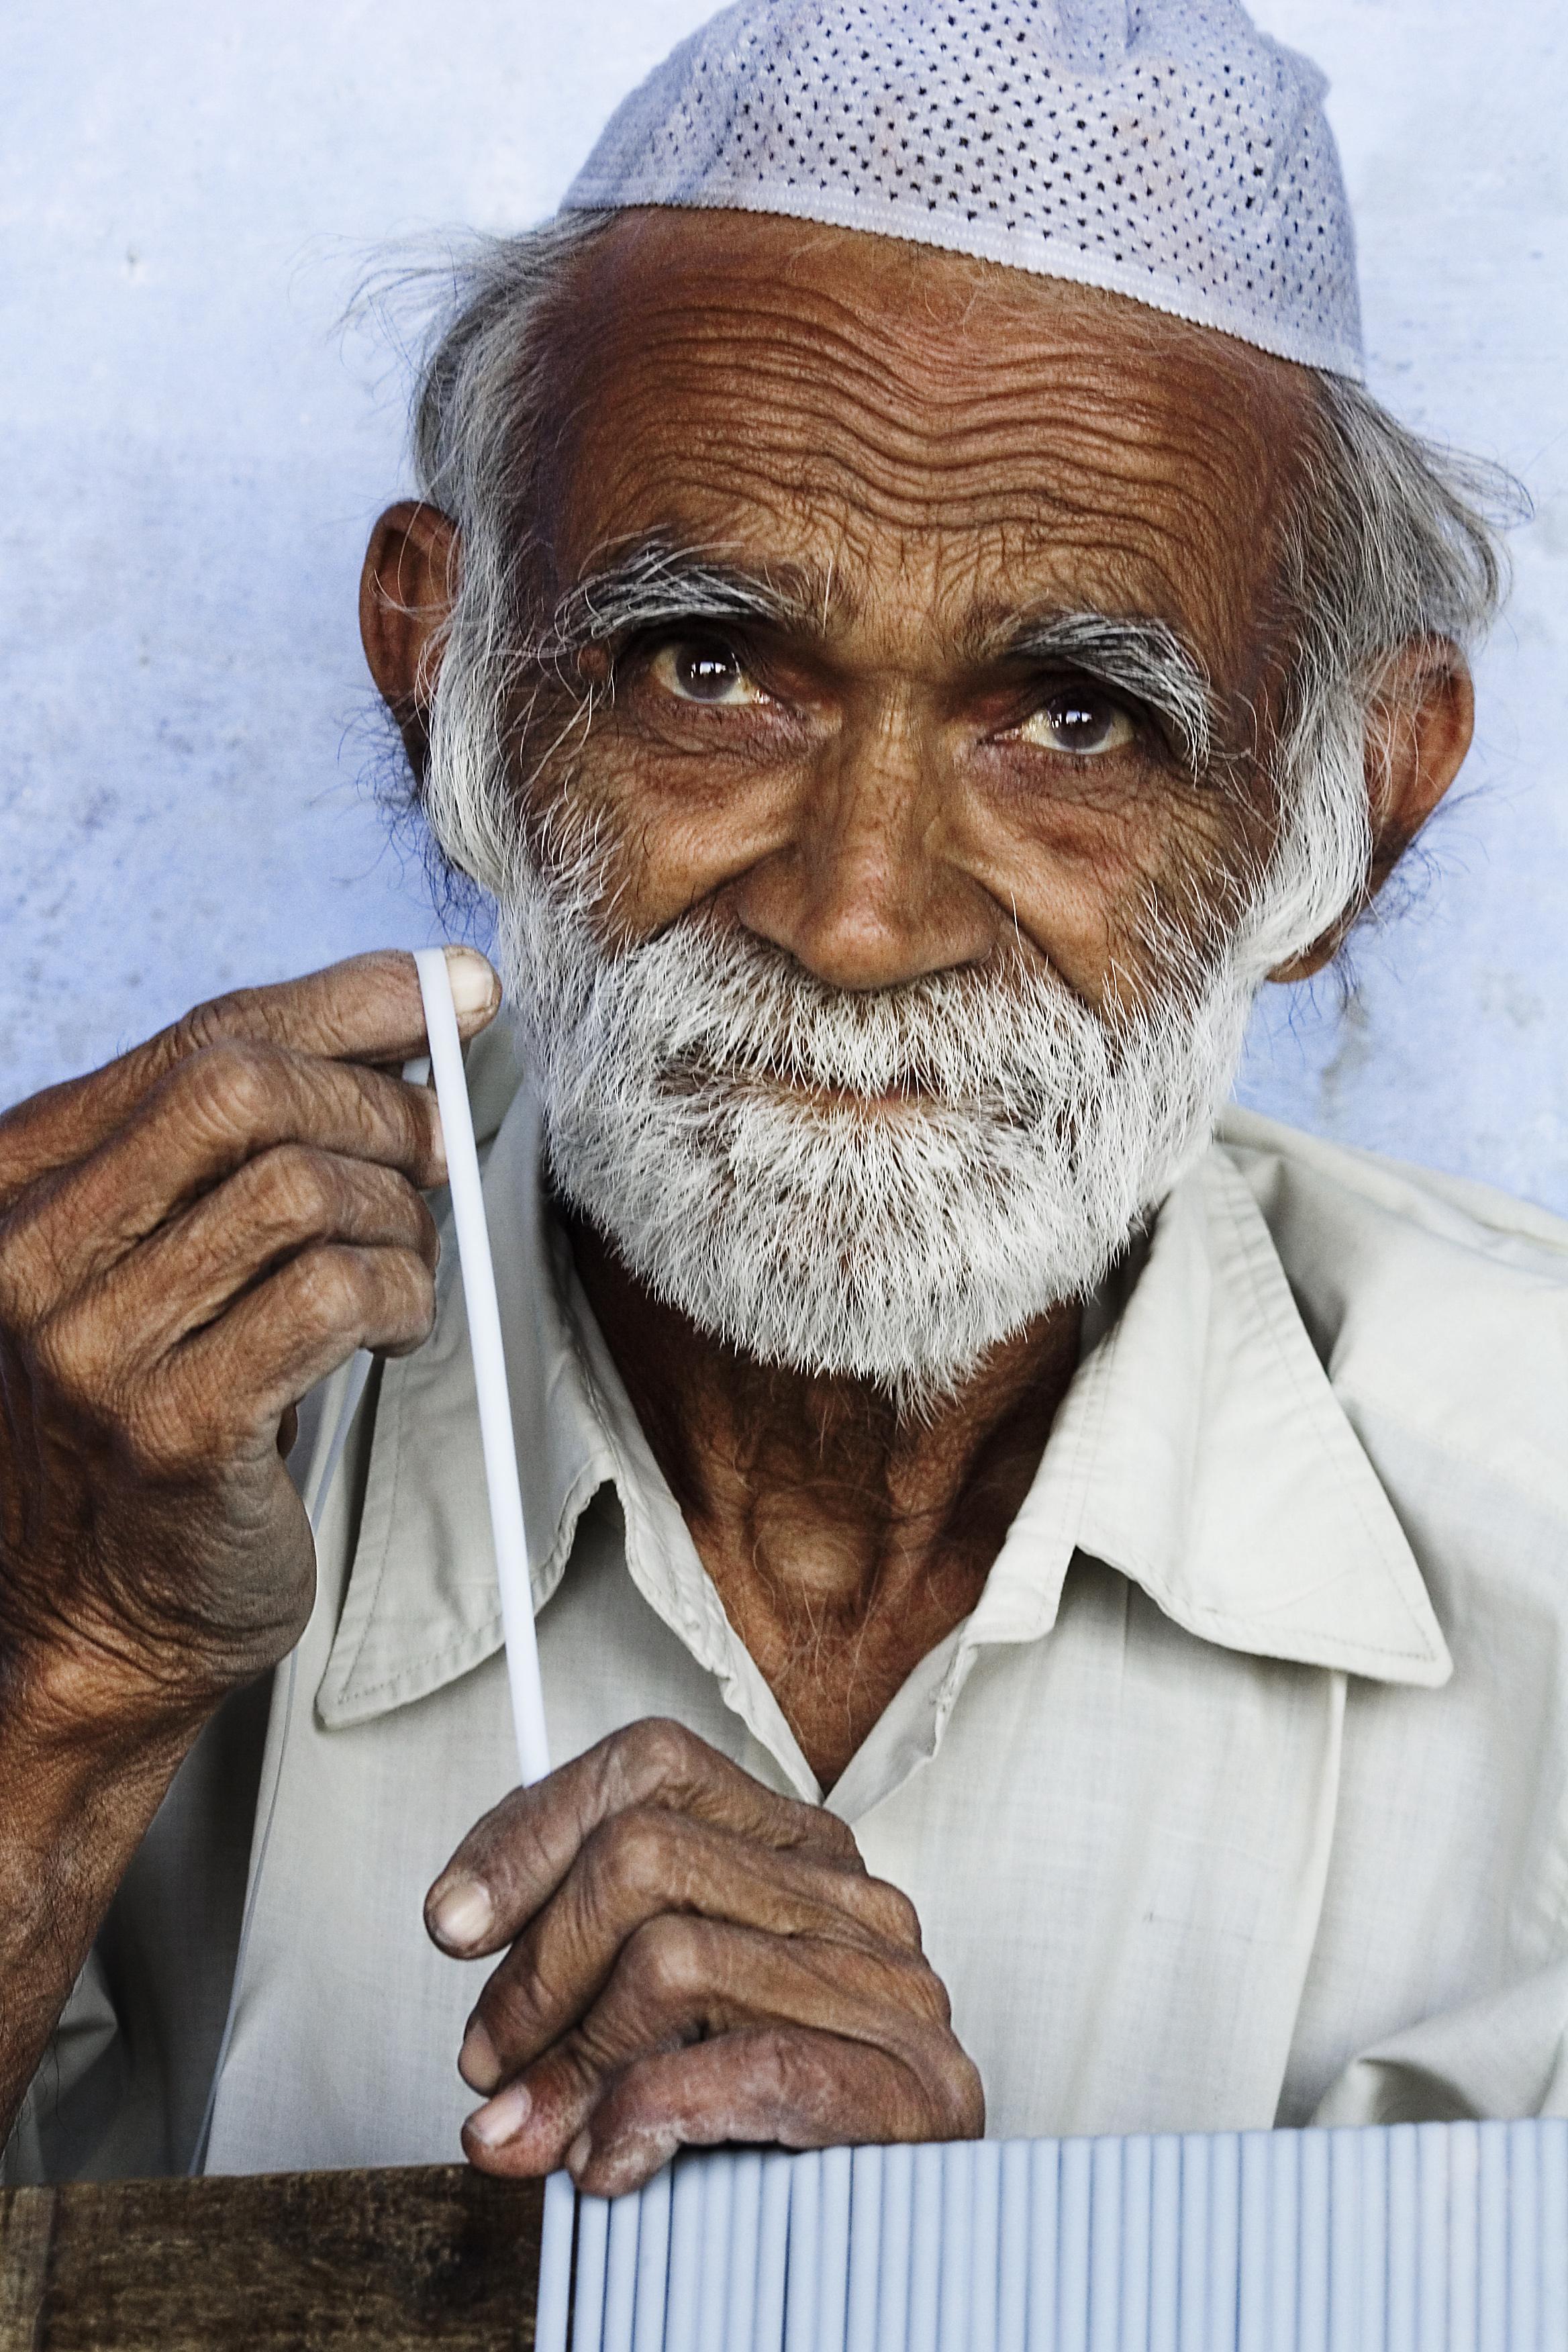 2013 year old man